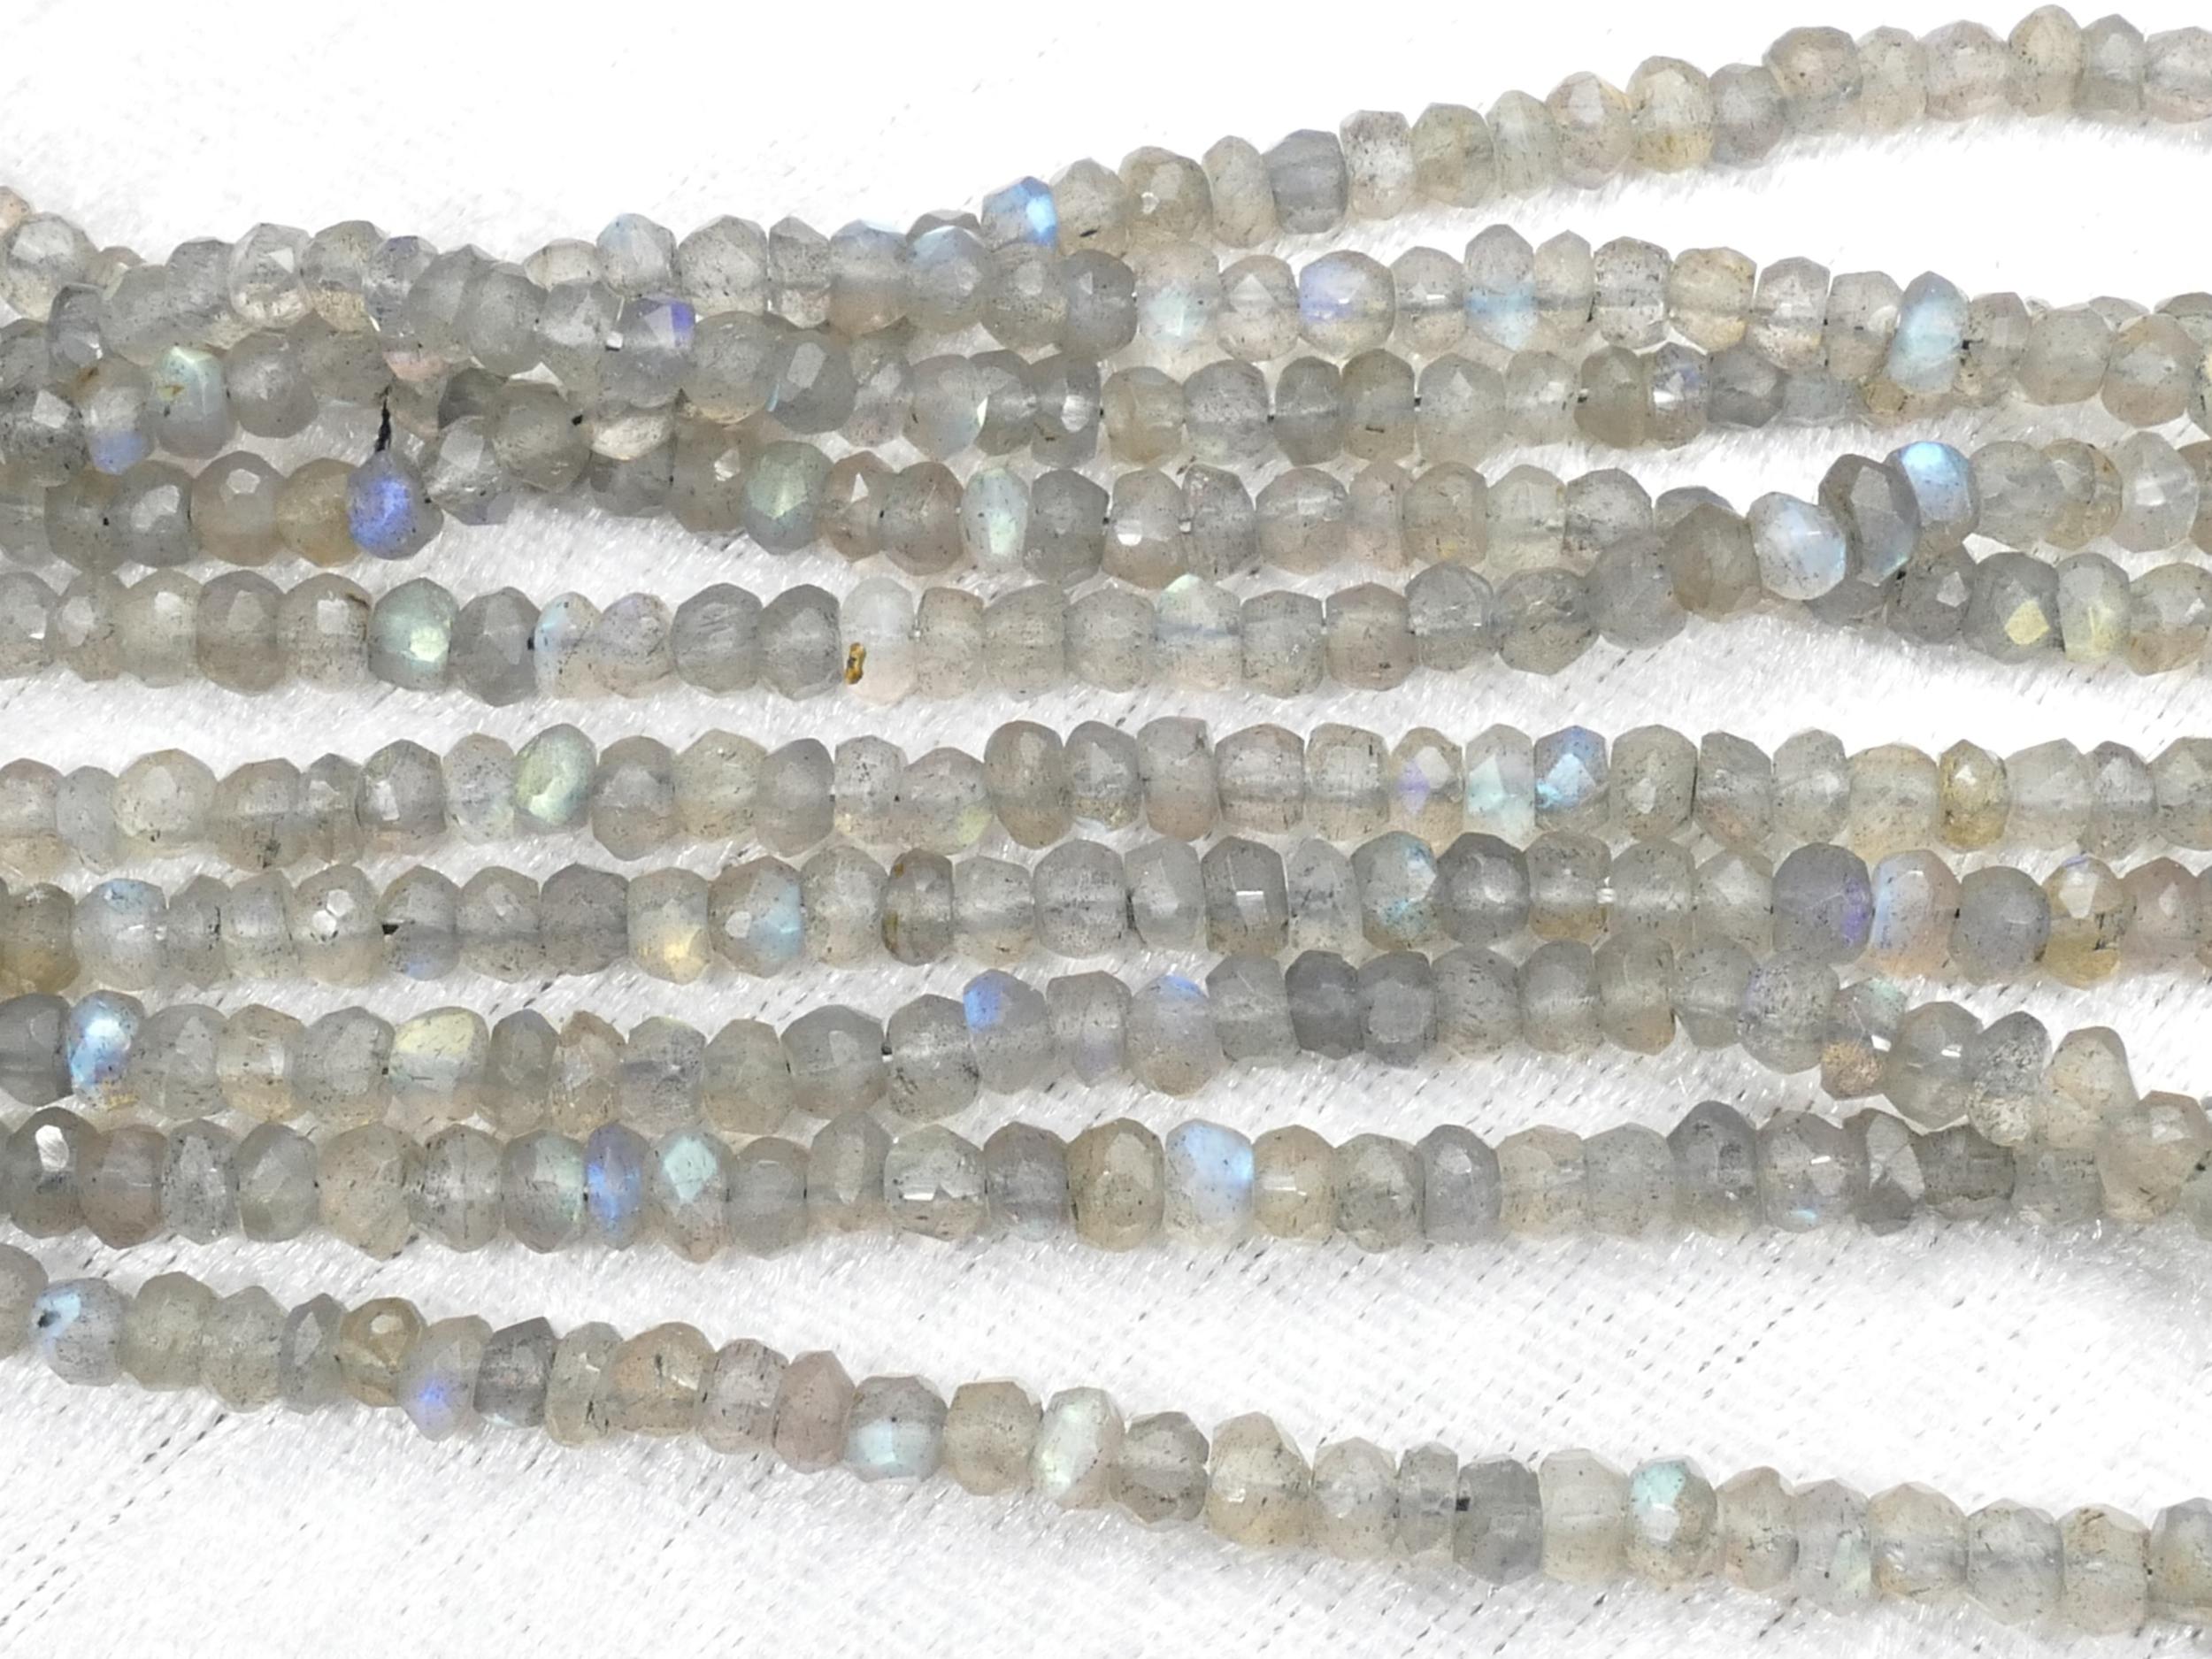 Vidéo ! 4/4.4mm Perle de Labradorite naturelle rondelle facetté x17cm (6.7inch) (#AC855)